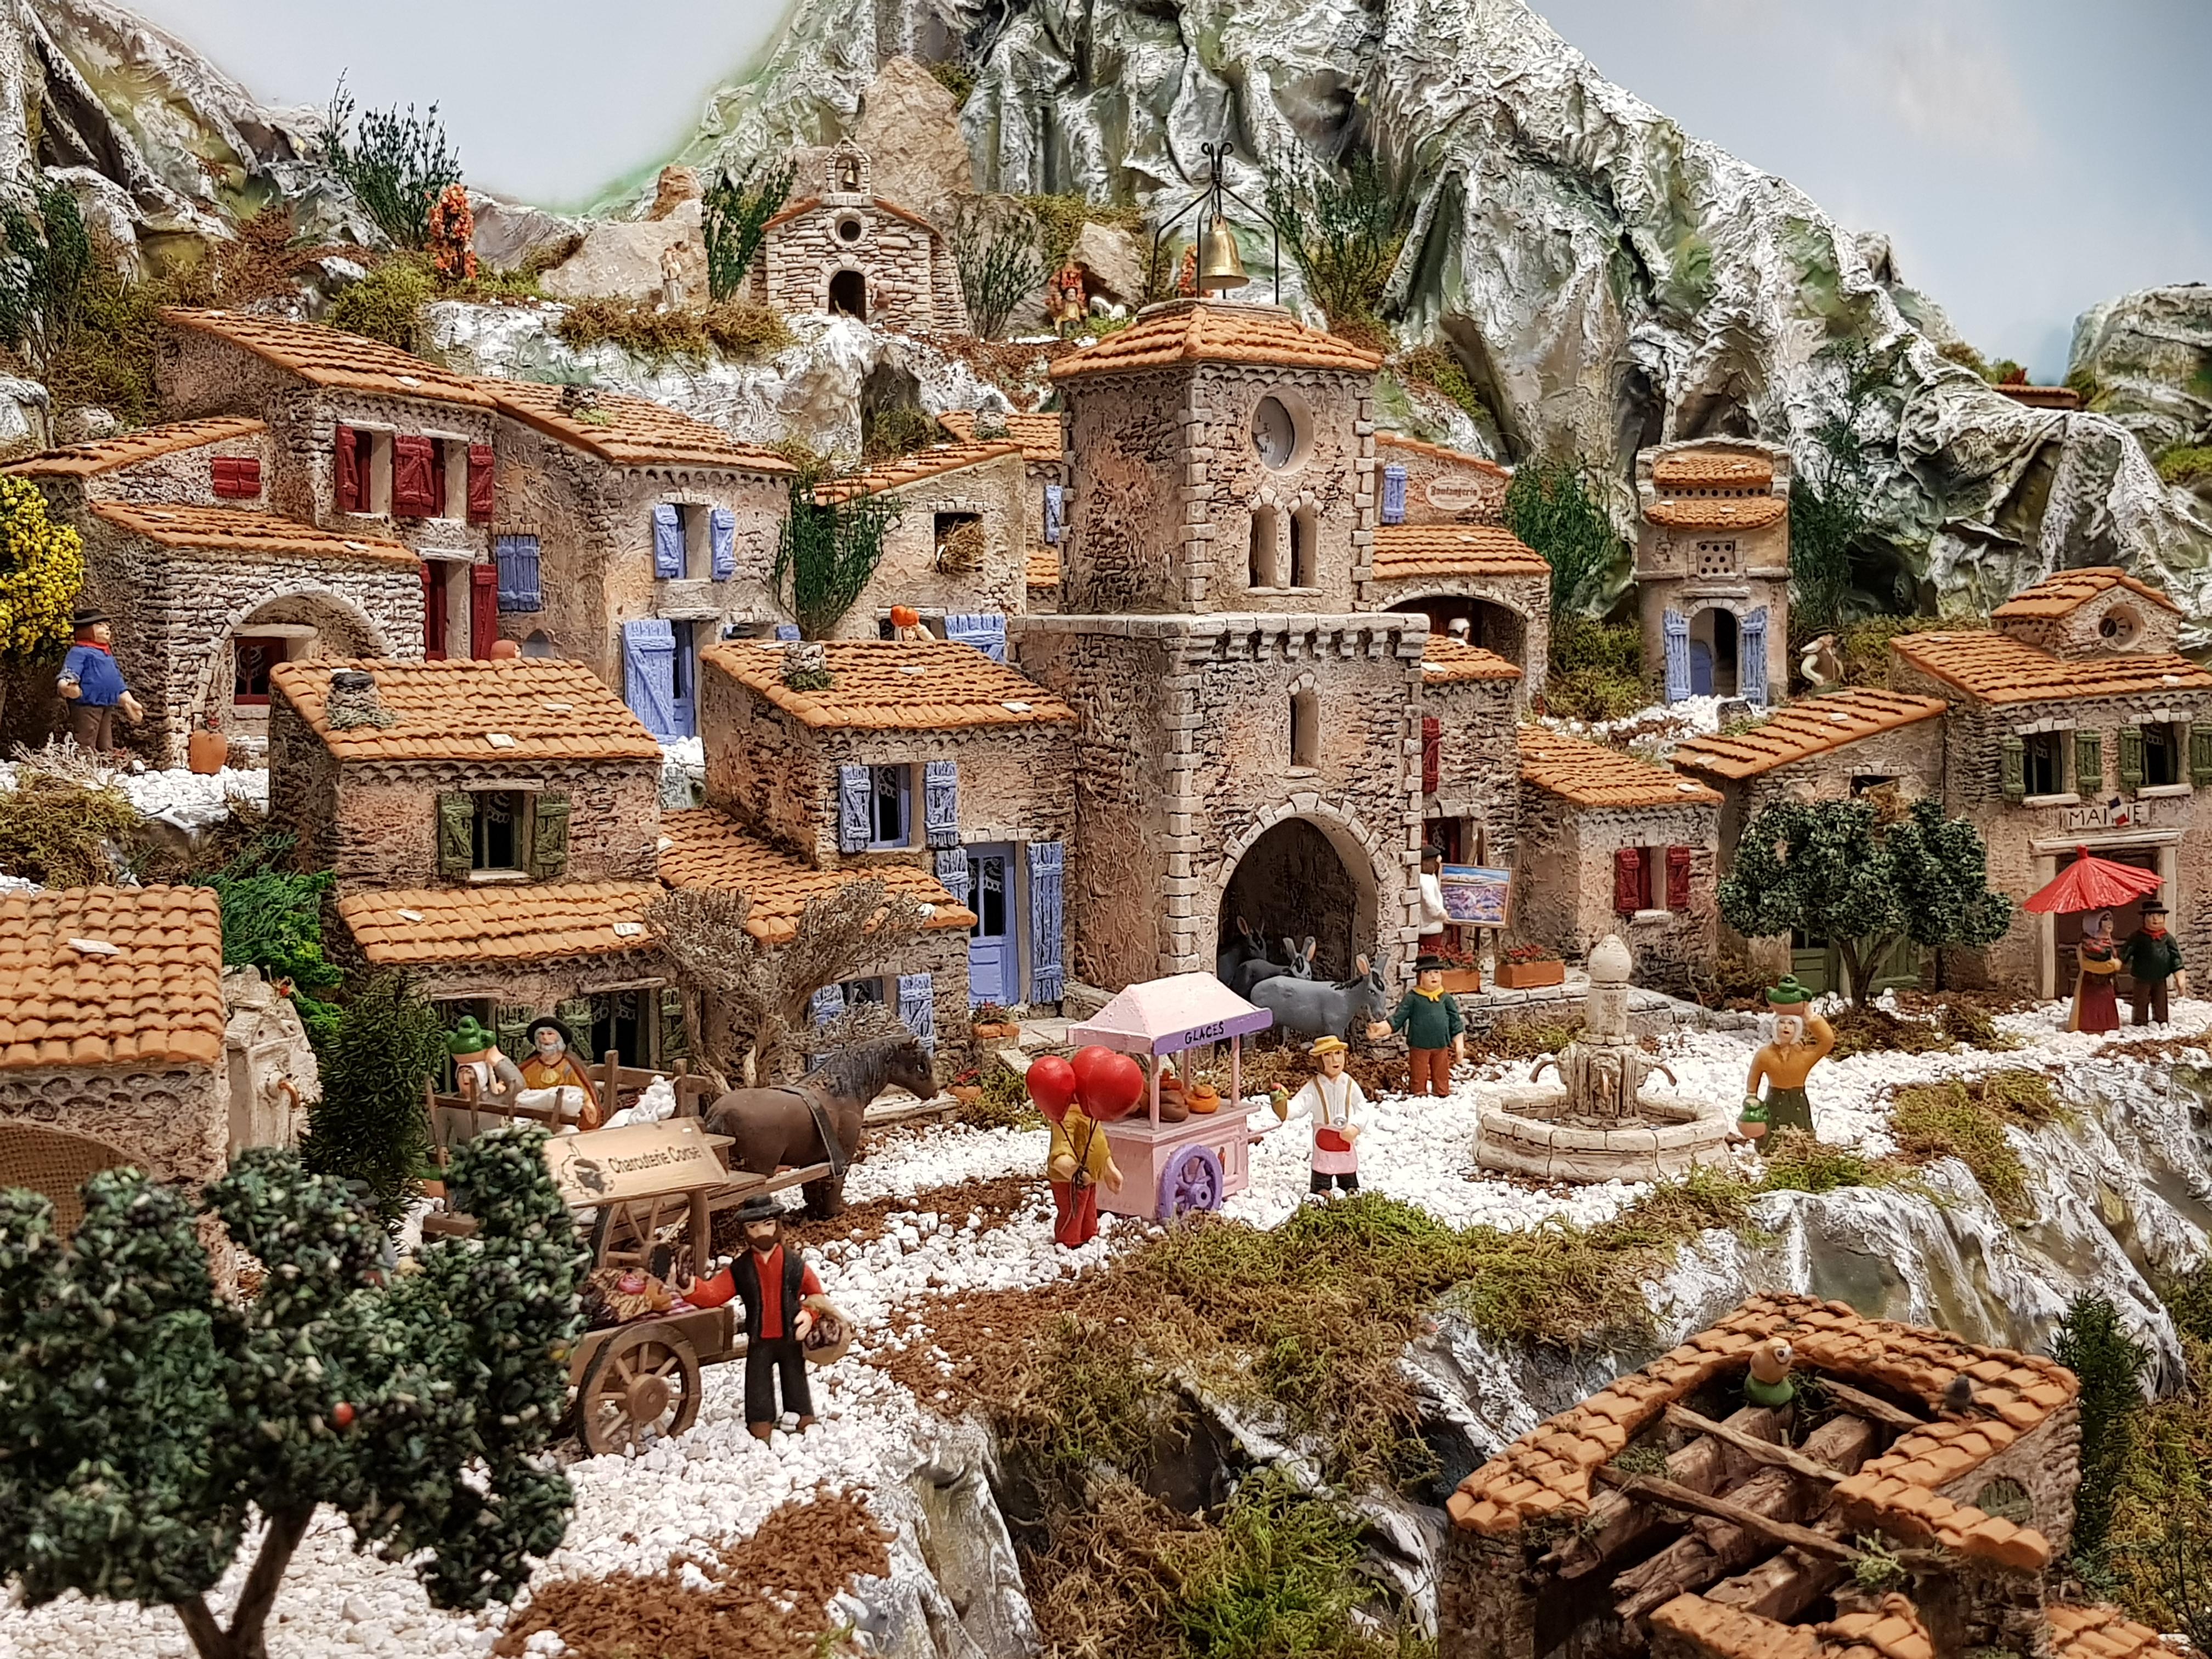 L 39 histoire des santons de provence l 39 atelier de fanny santons et d cors de cr che aubagne - Decor creche de noel provencal ...